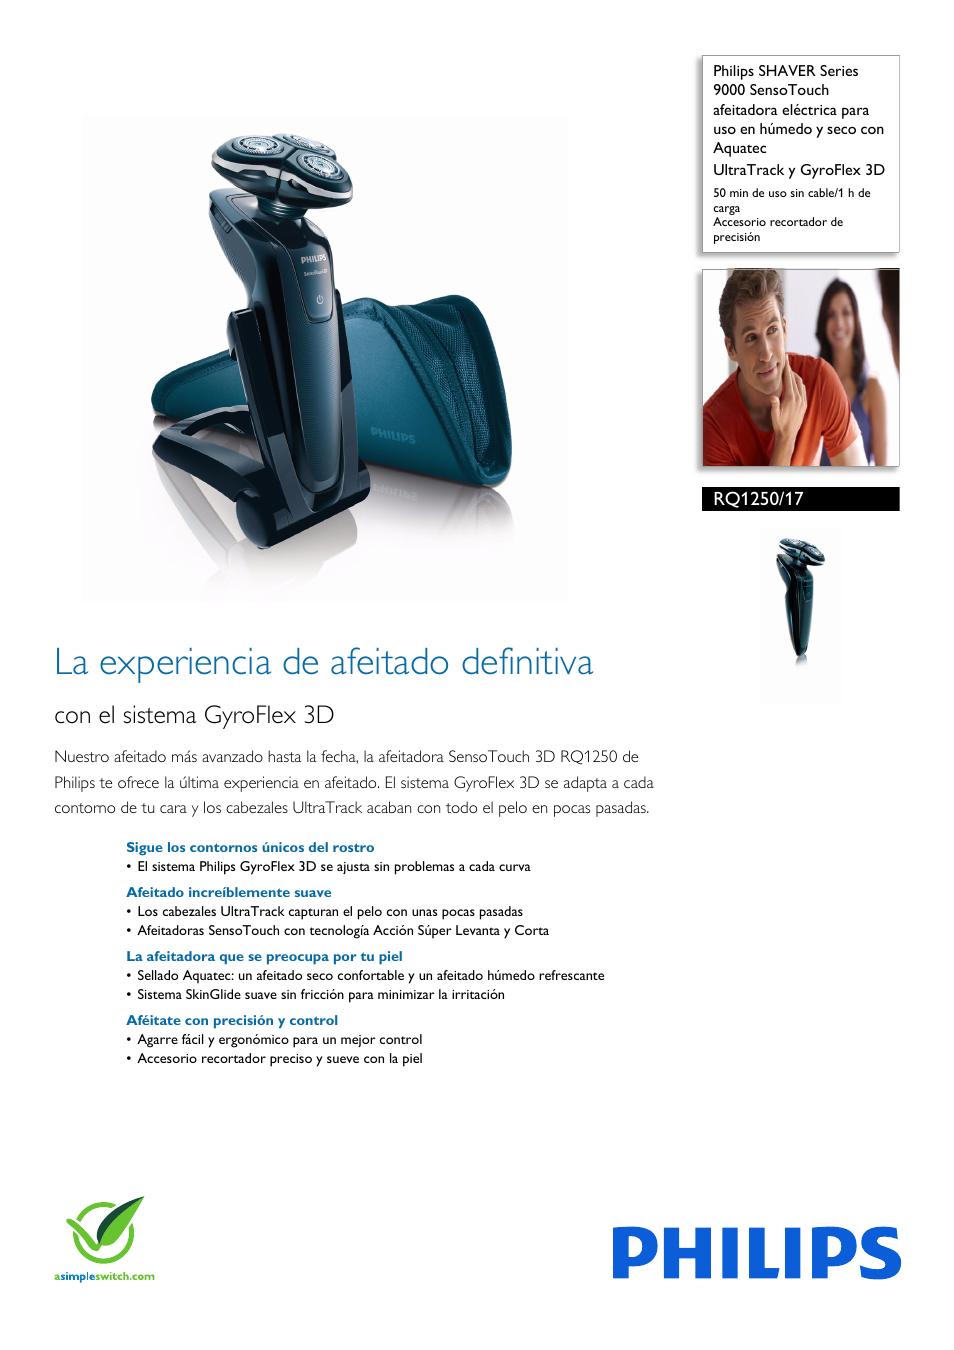 Philips SHAVER Series 9000 SensoTouch afeitadora eléctrica en húmedo y seco  Manual del usuario  c79d1d5dd103